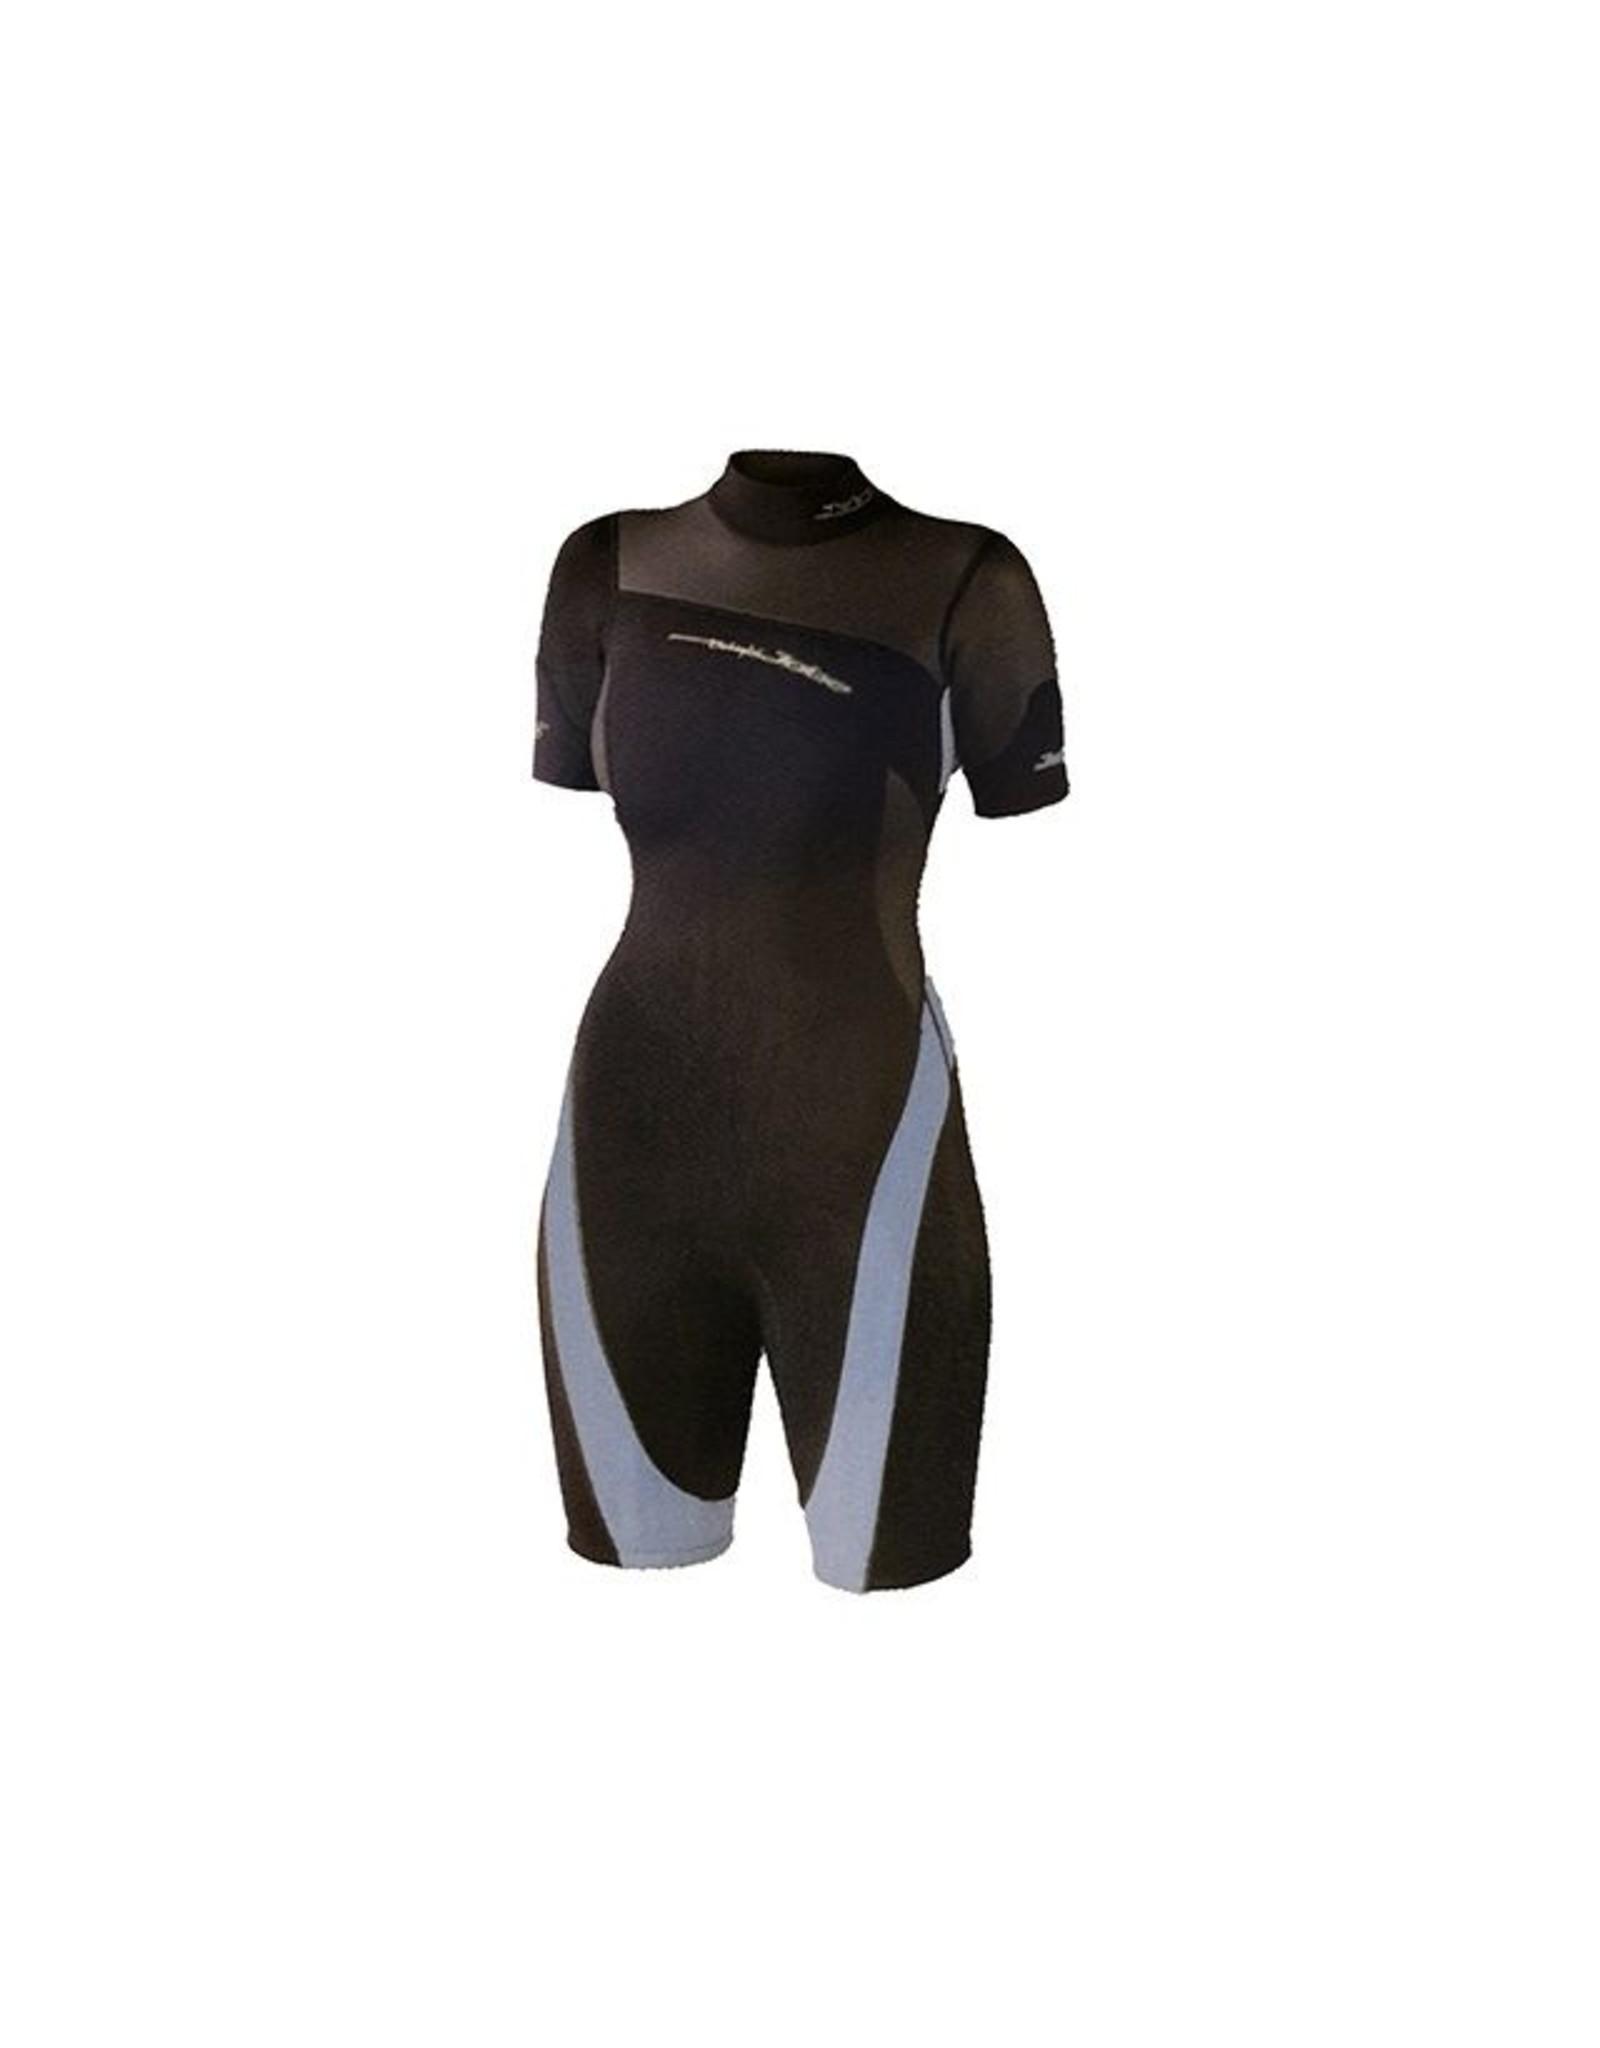 Hebor Watersport Jobe Shorty Delight vrouwen wetsuit - 2